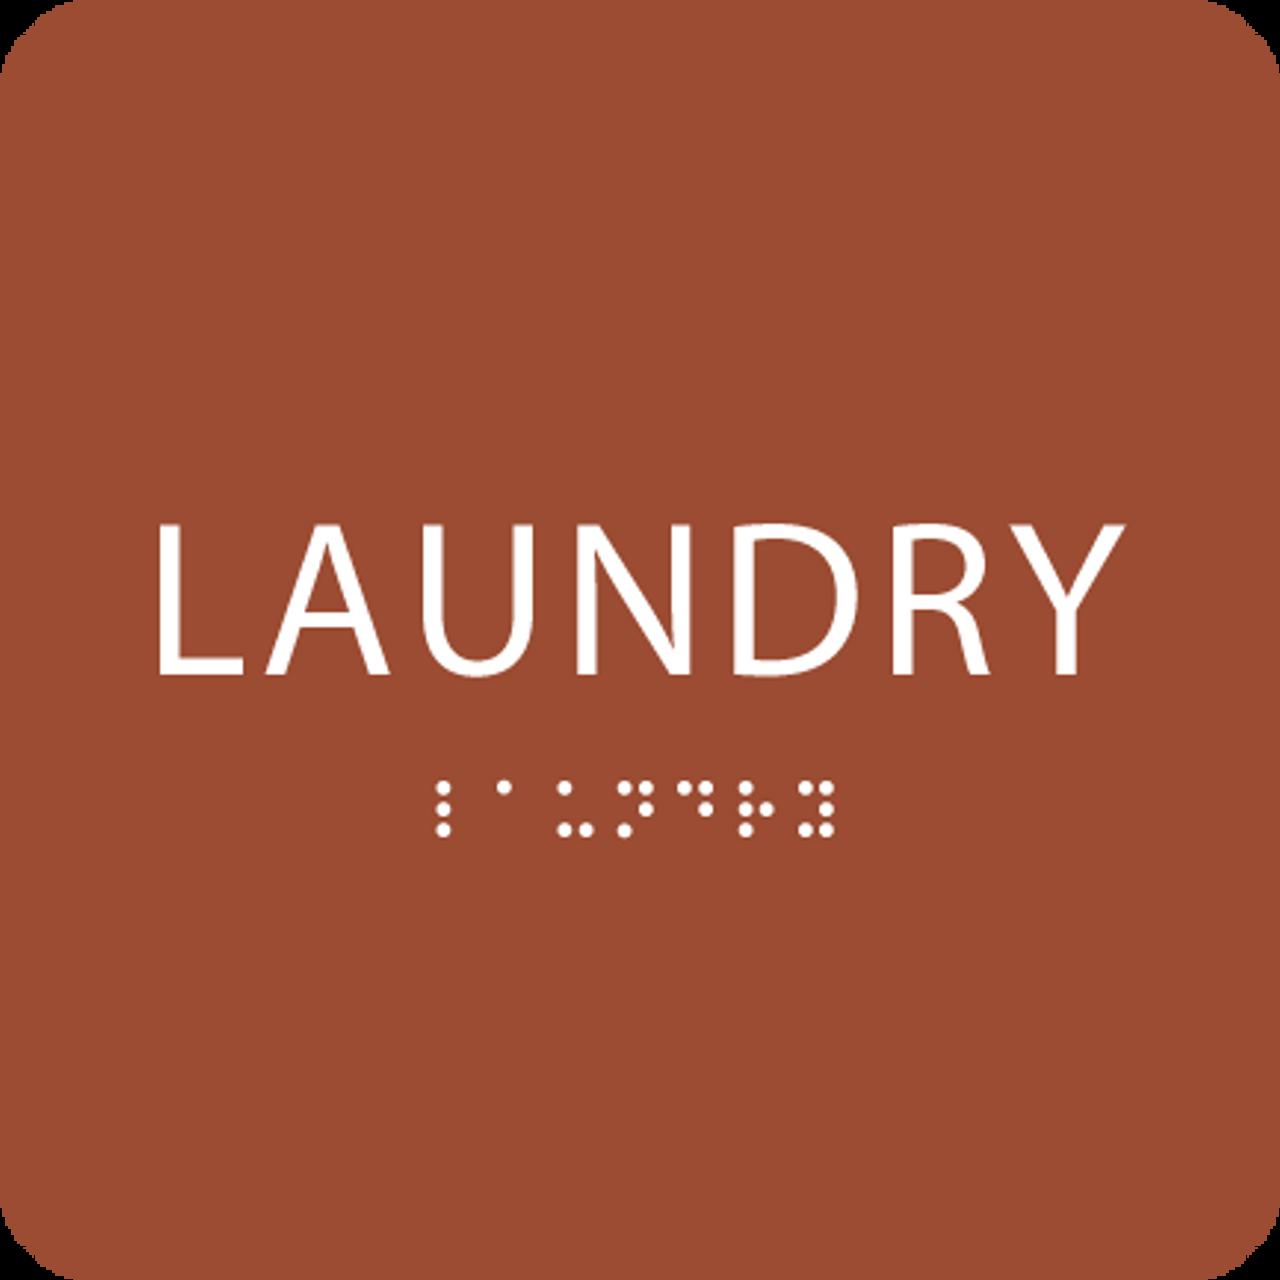 Orange Laundry ADA Sign